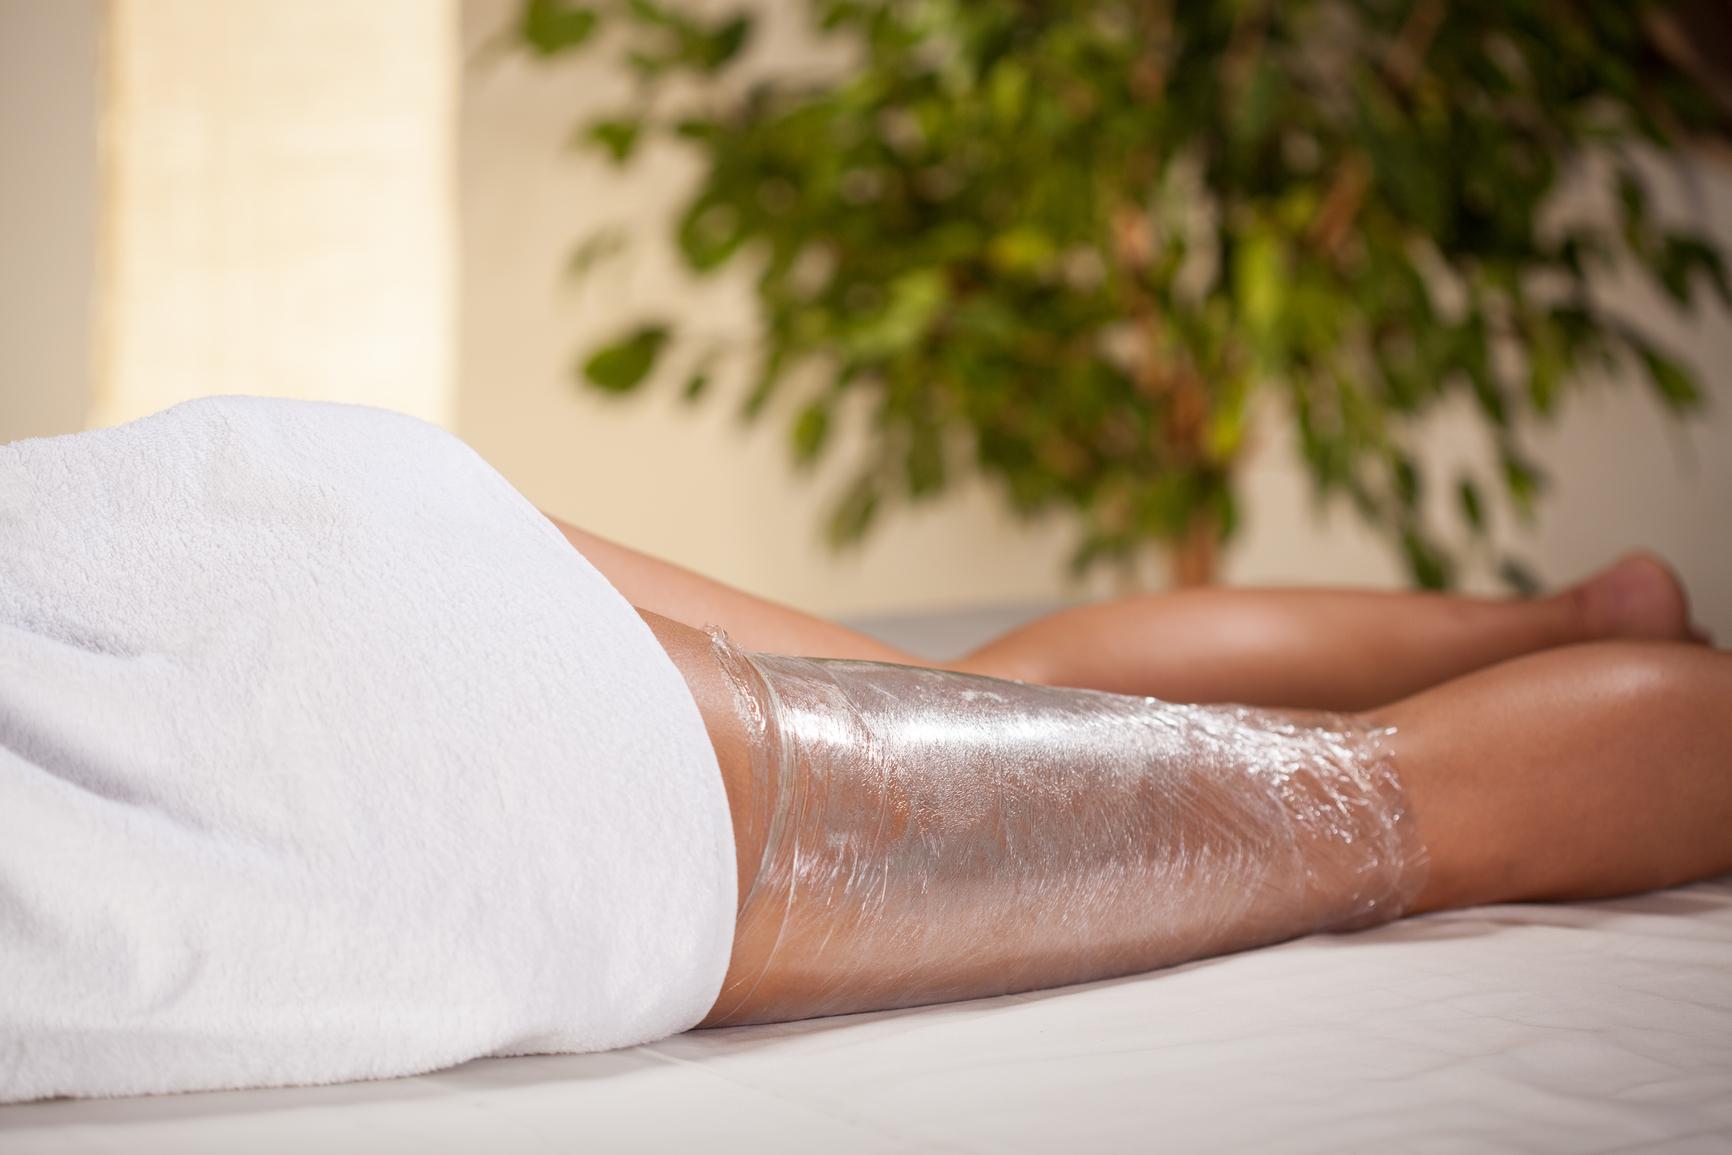 umflarea articulațiilor de pe picioare cu articulații TSH crescute rănite